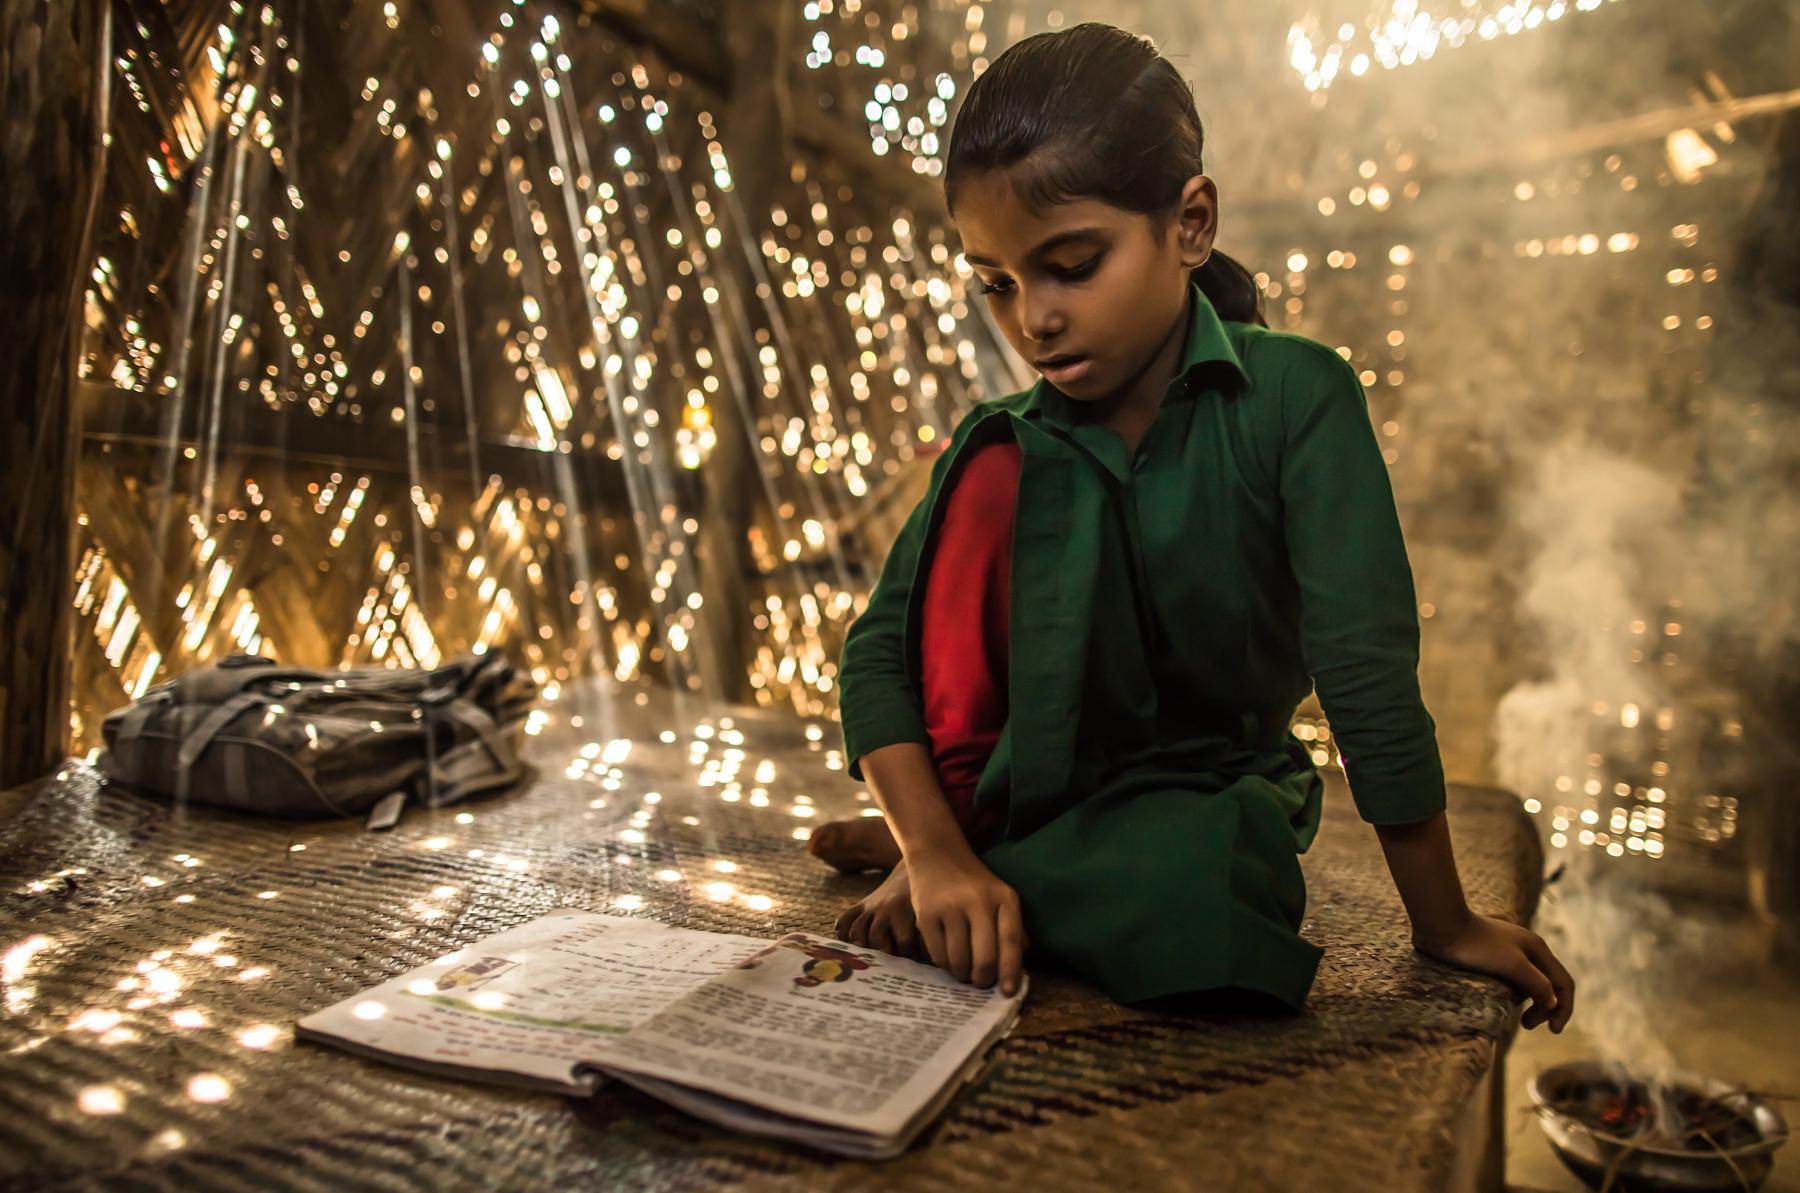 Girl studying with book (USAID/Morgana Wingard)